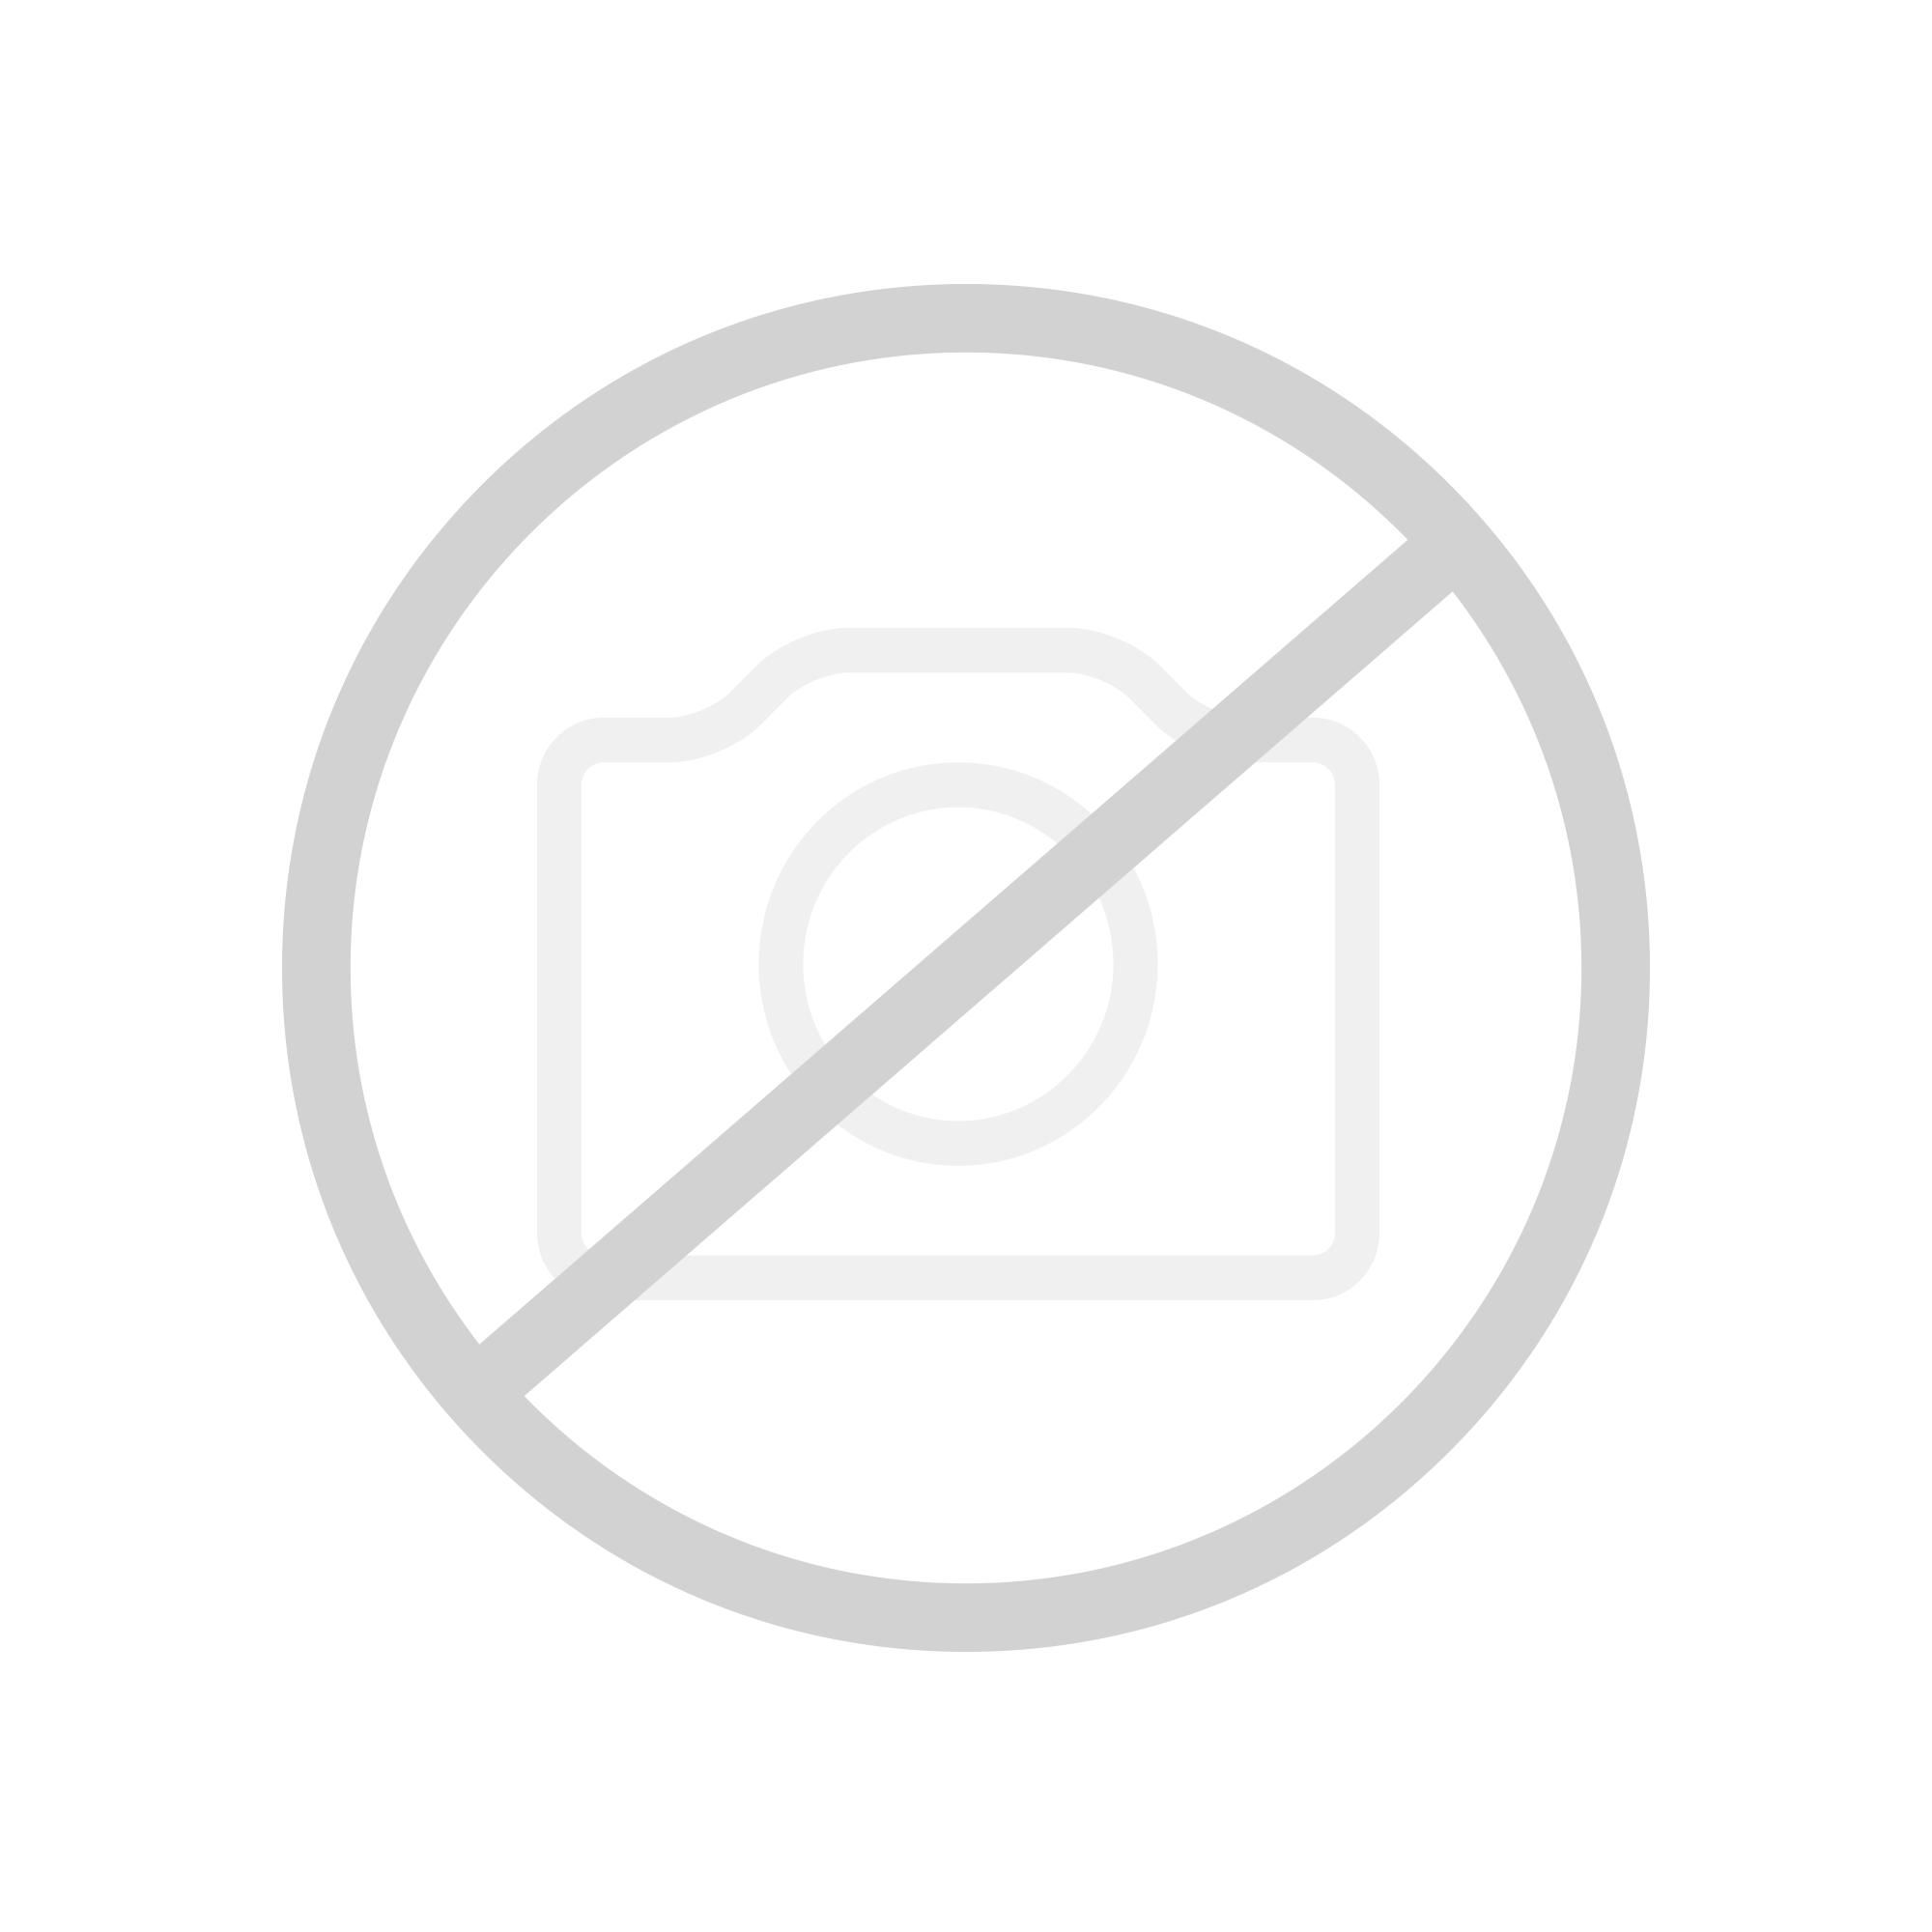 Keuco Plan Papiertuchspender silber eloxiert